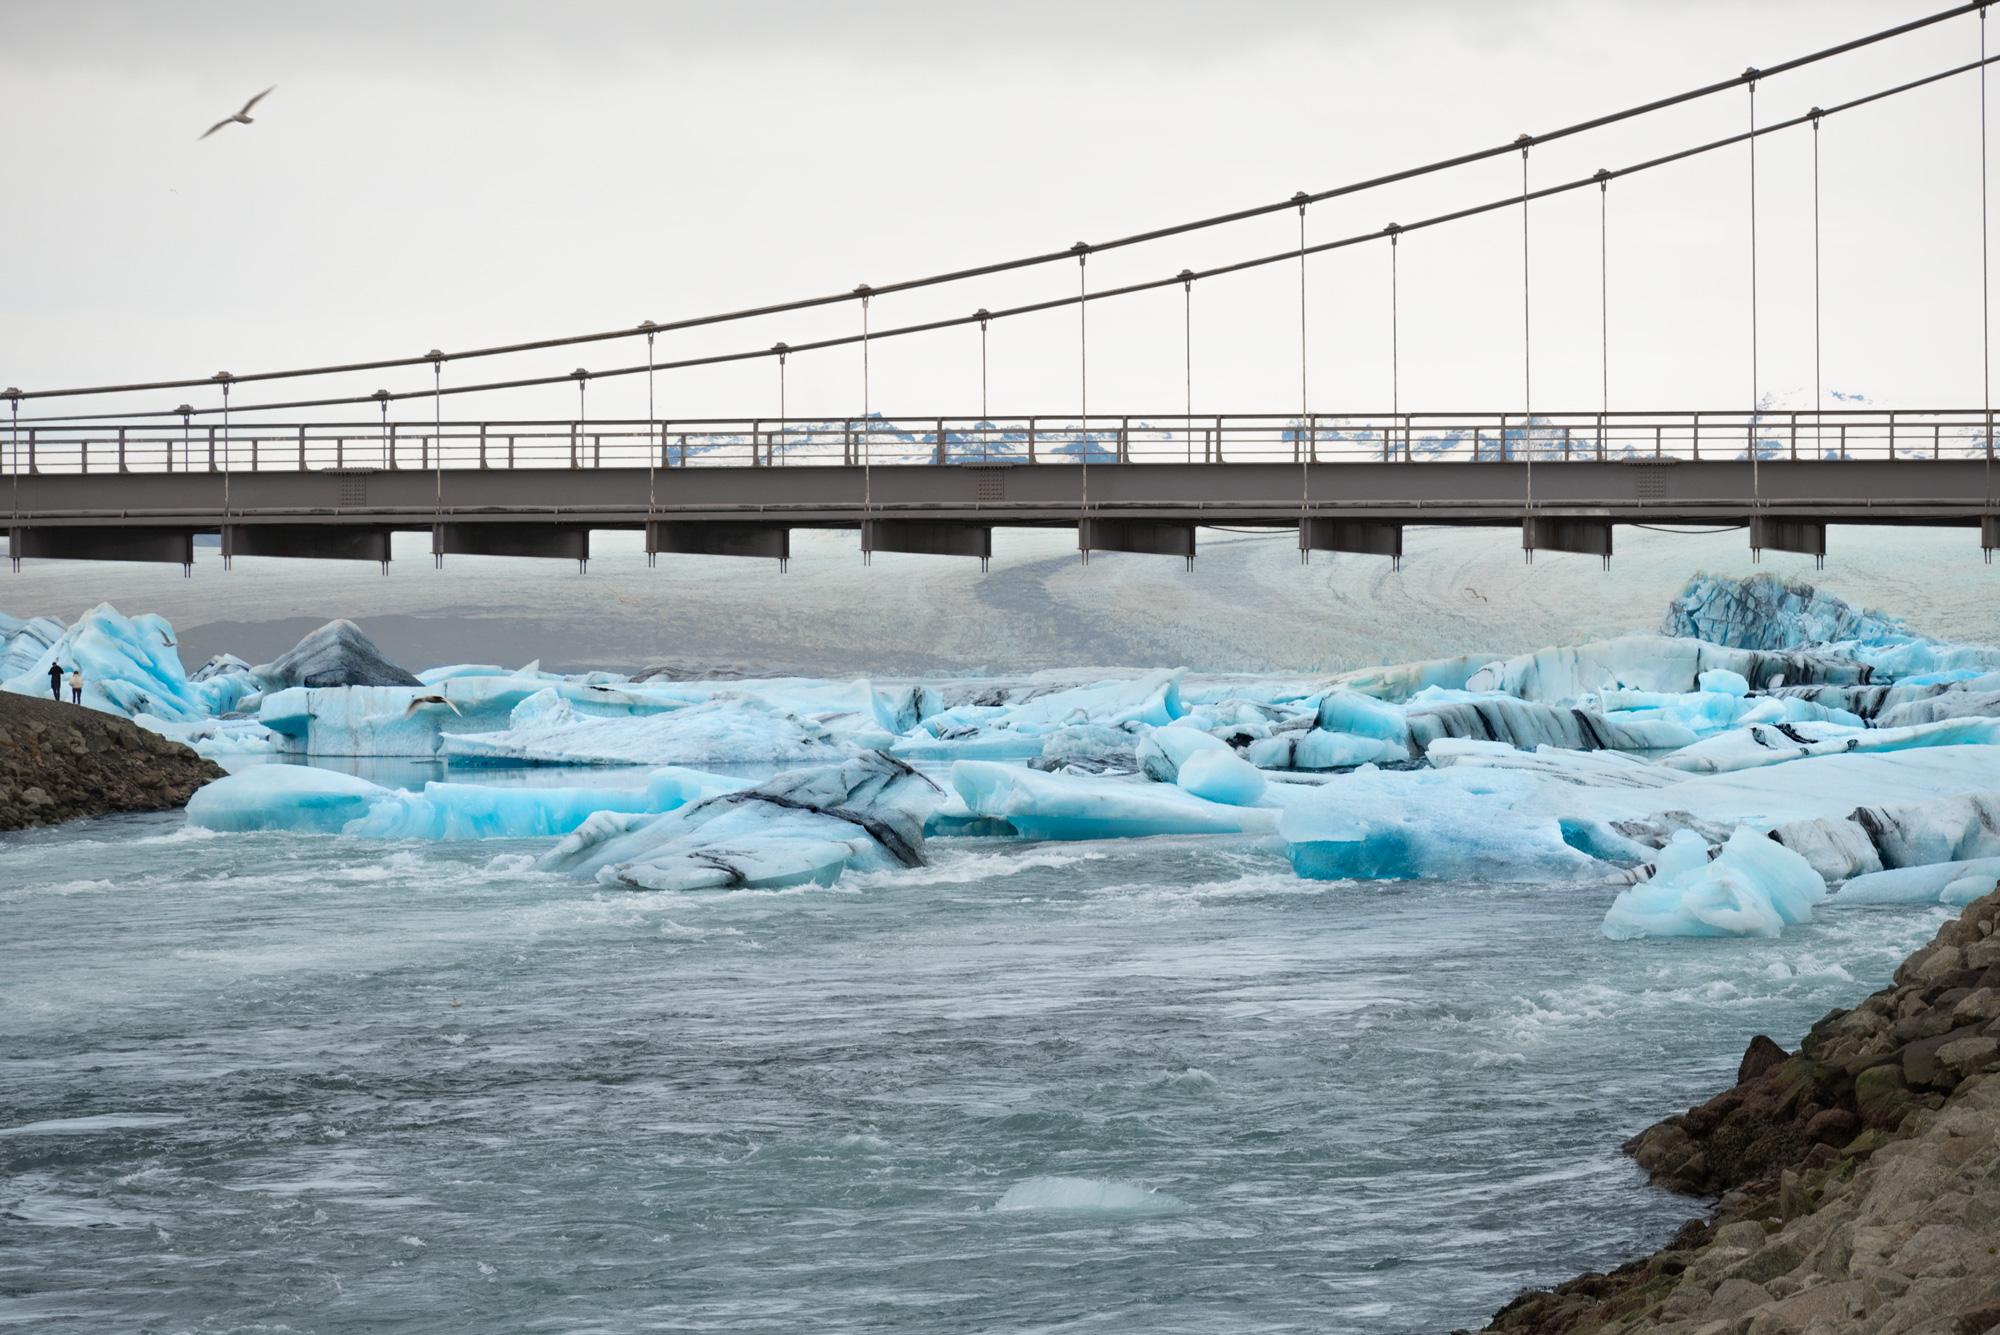 ICELANDICA - Icelandica | Dani Vottero, Travel Photography